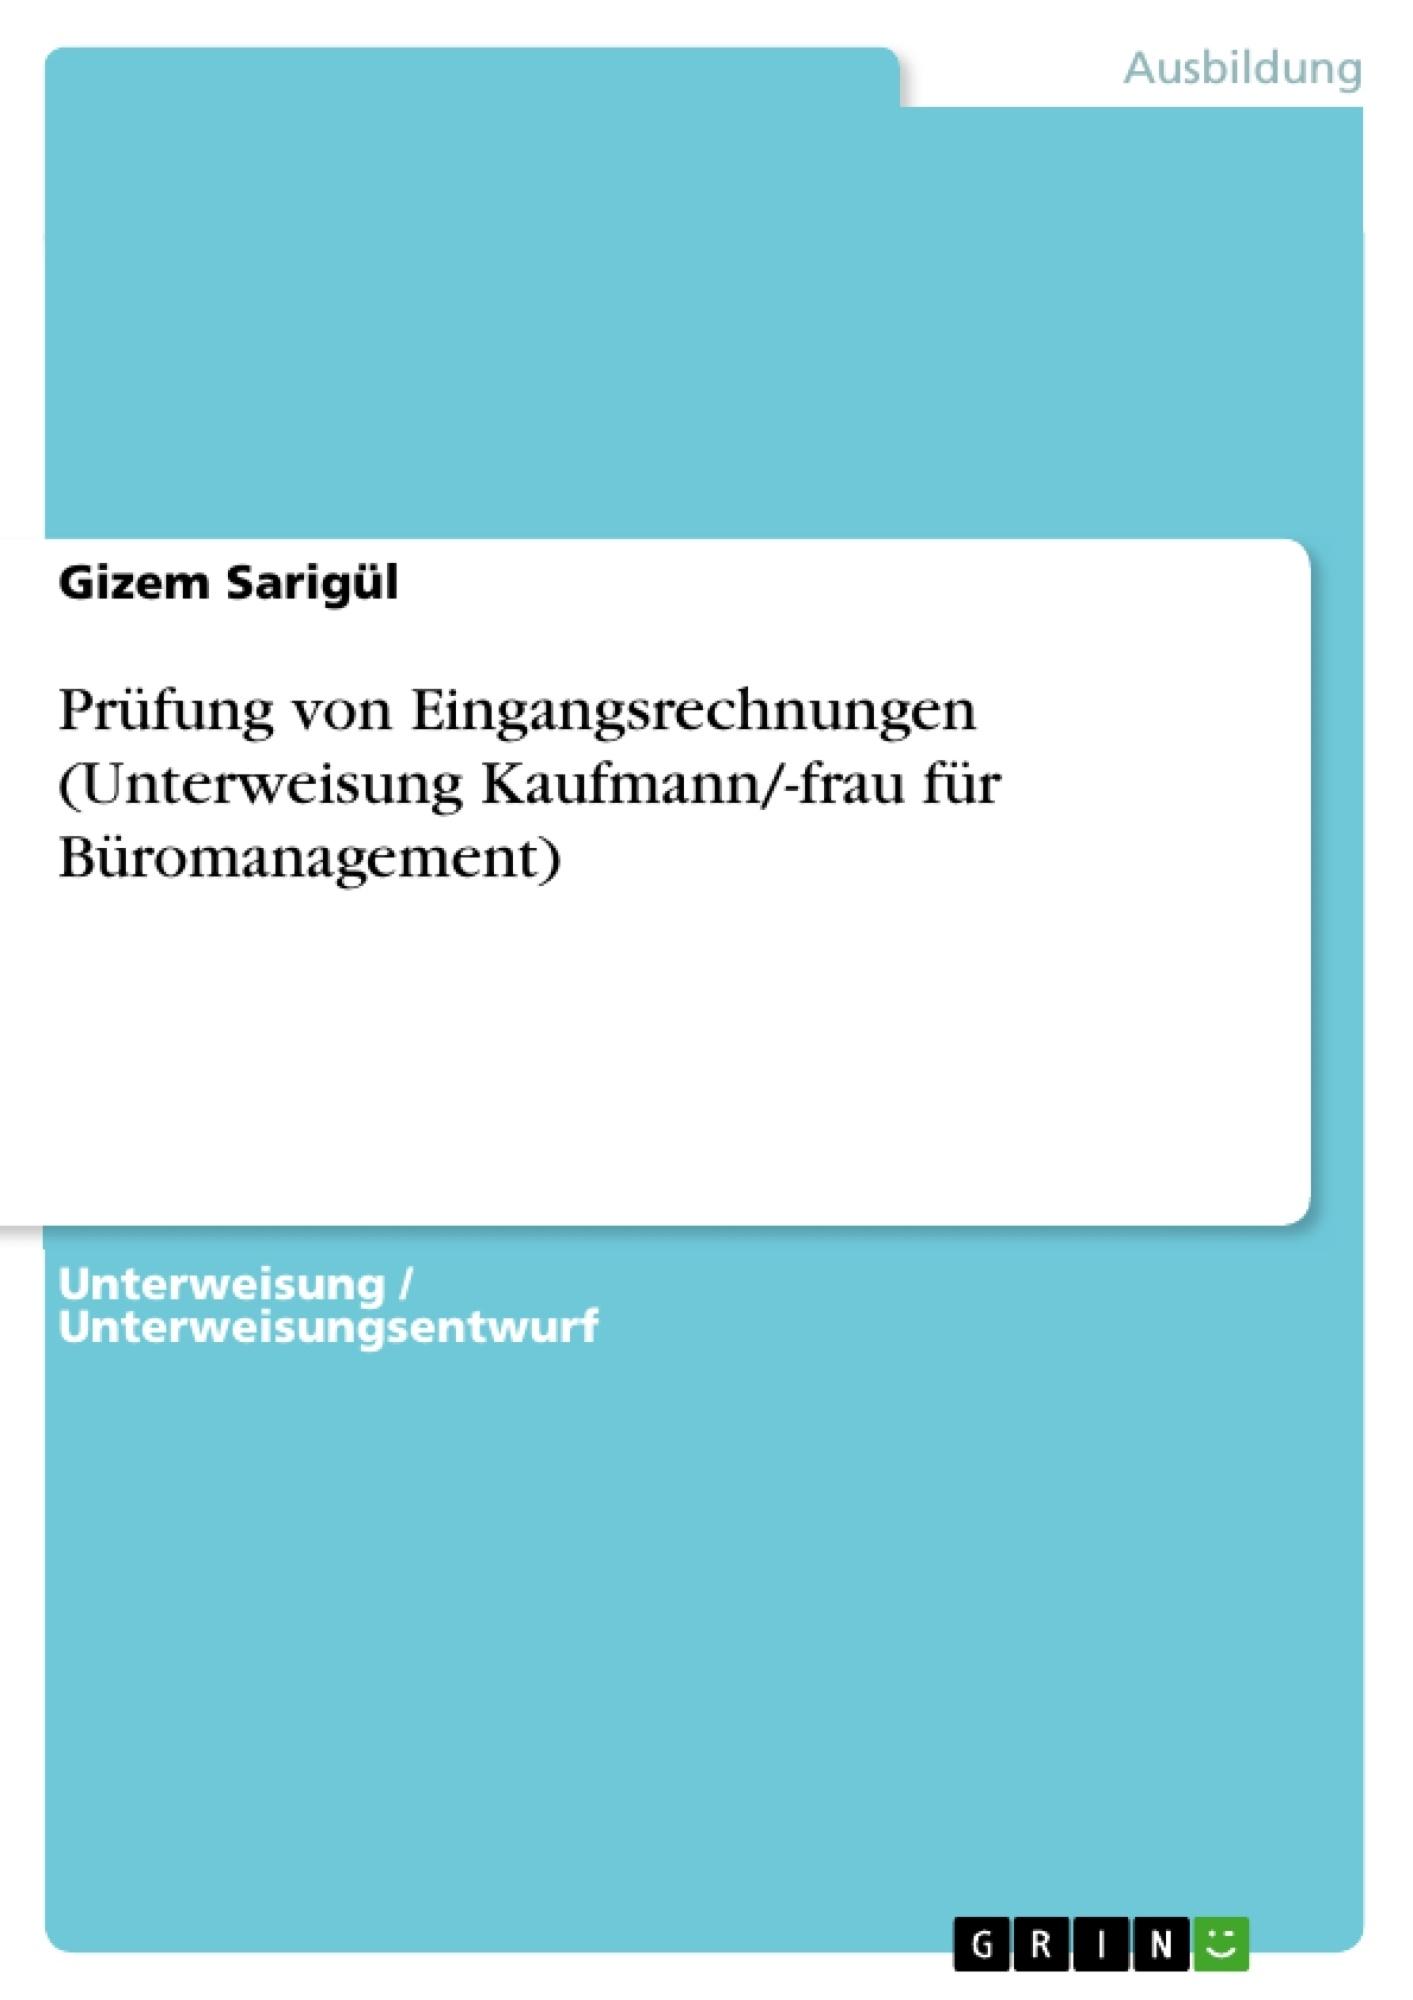 Titel: Prüfung von Eingangsrechnungen (Unterweisung Kaufmann/-frau für Büromanagement)